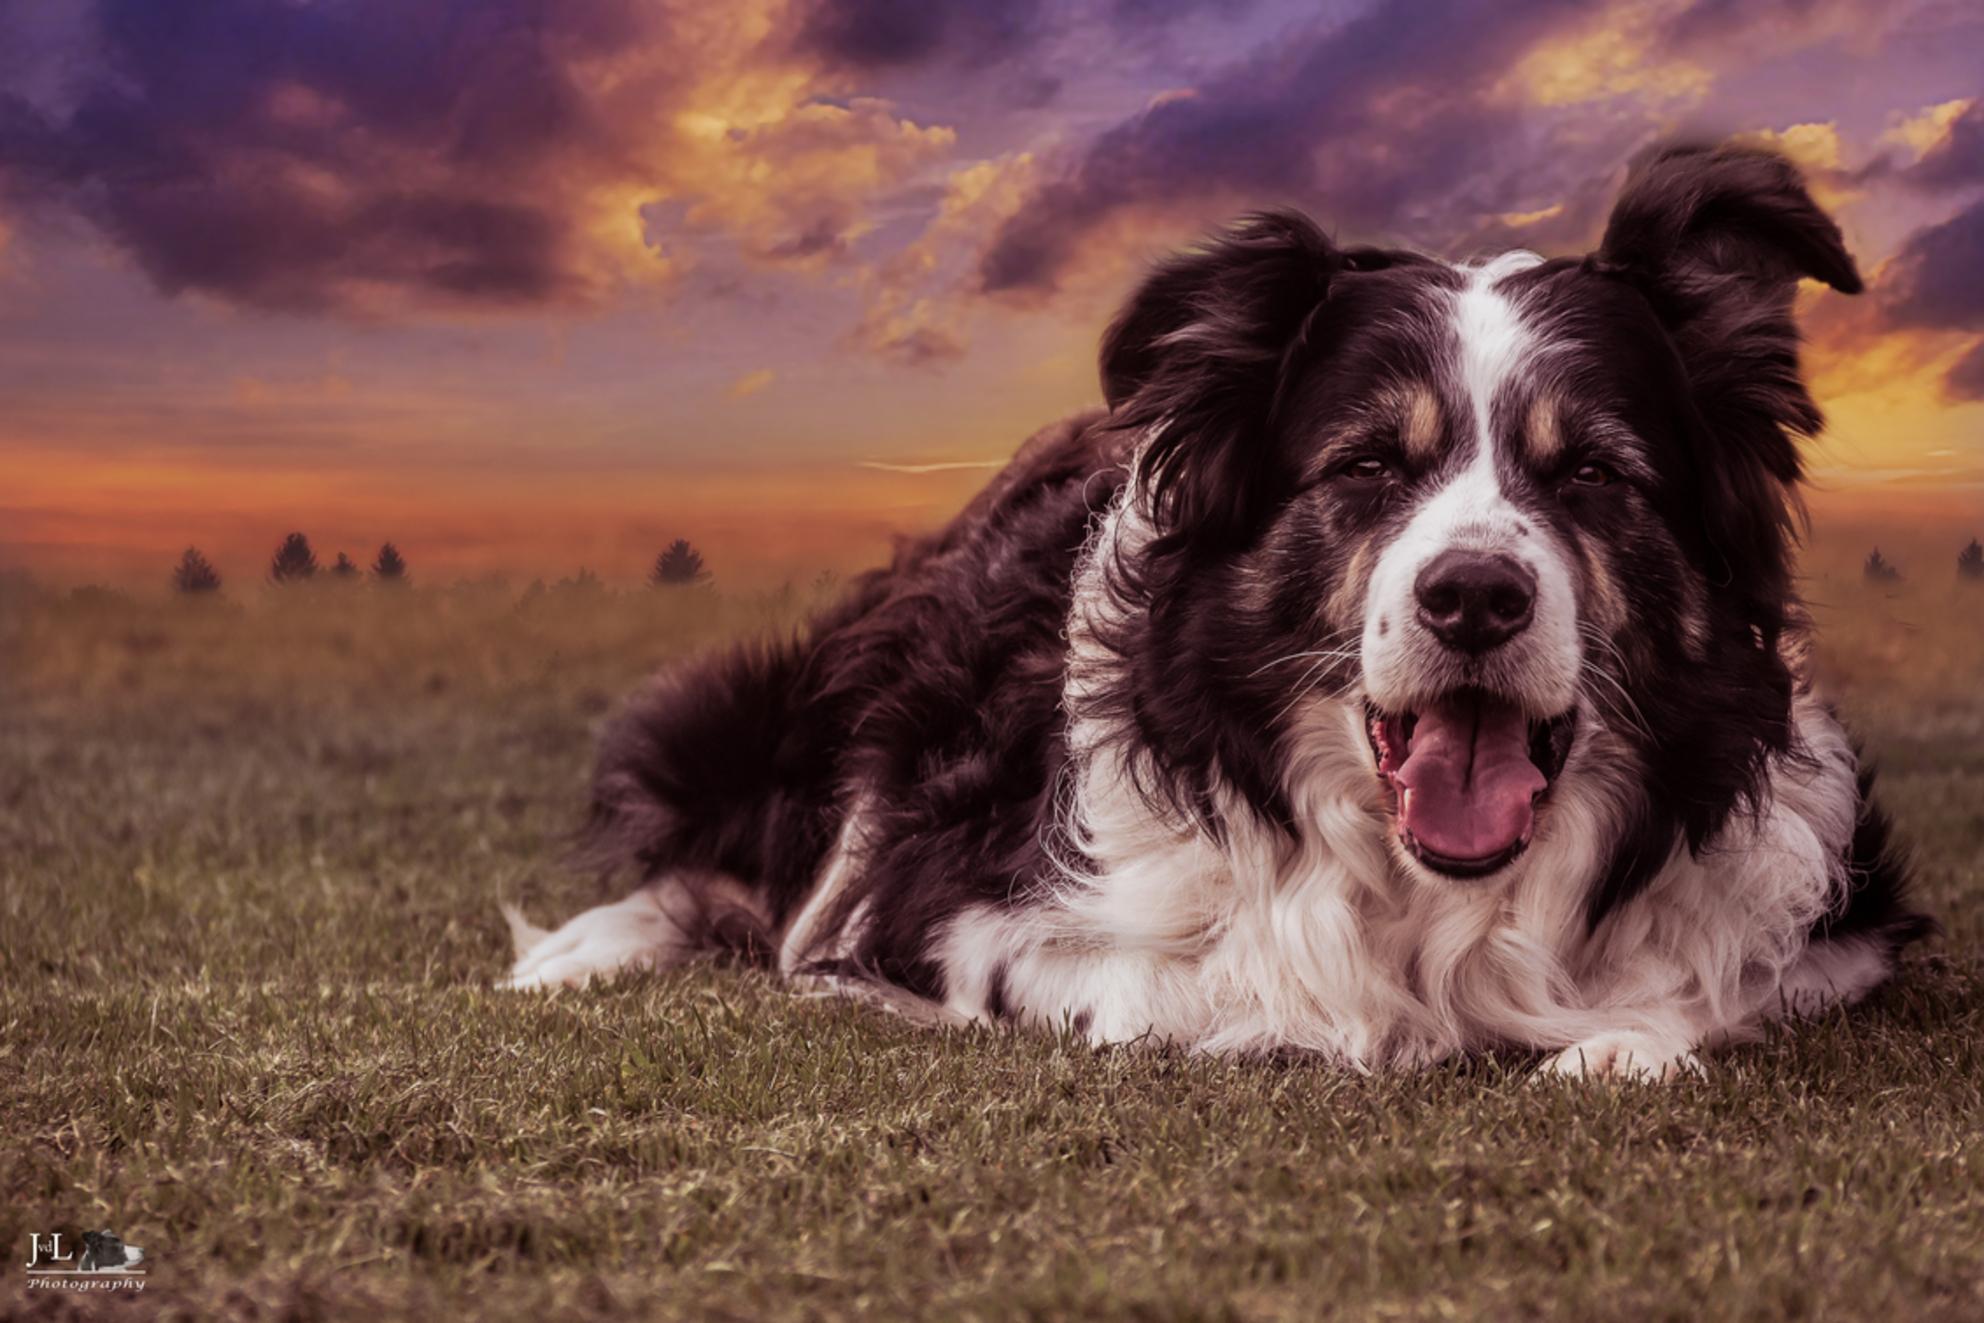 Joep - - - foto door jaime2205 op 18-01-2016 - deze foto bevat: dieren, huisdier, hond, Border Collie - Deze foto mag gebruikt worden in een Zoom.nl publicatie